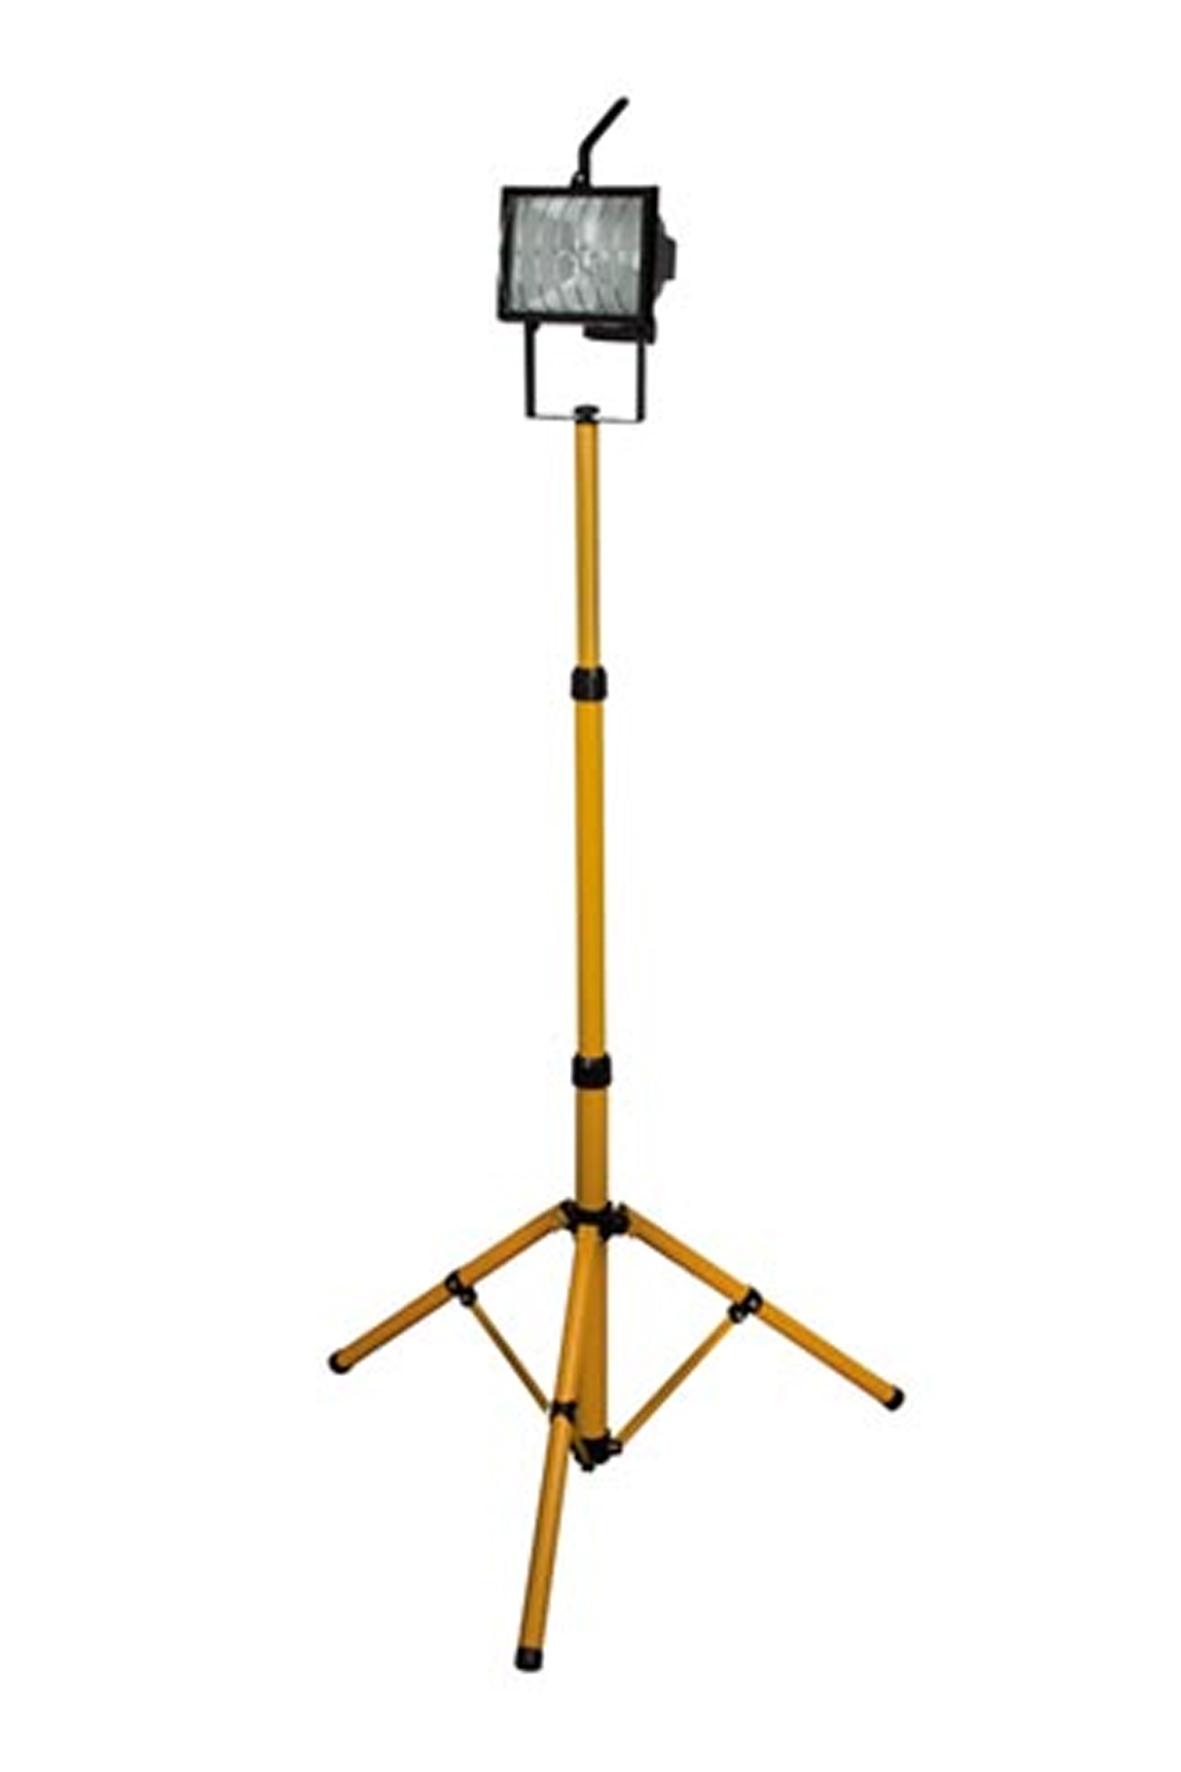 Lampe de chantier sur pied simple achat en ligne ou for Lampe exterieure sur pied